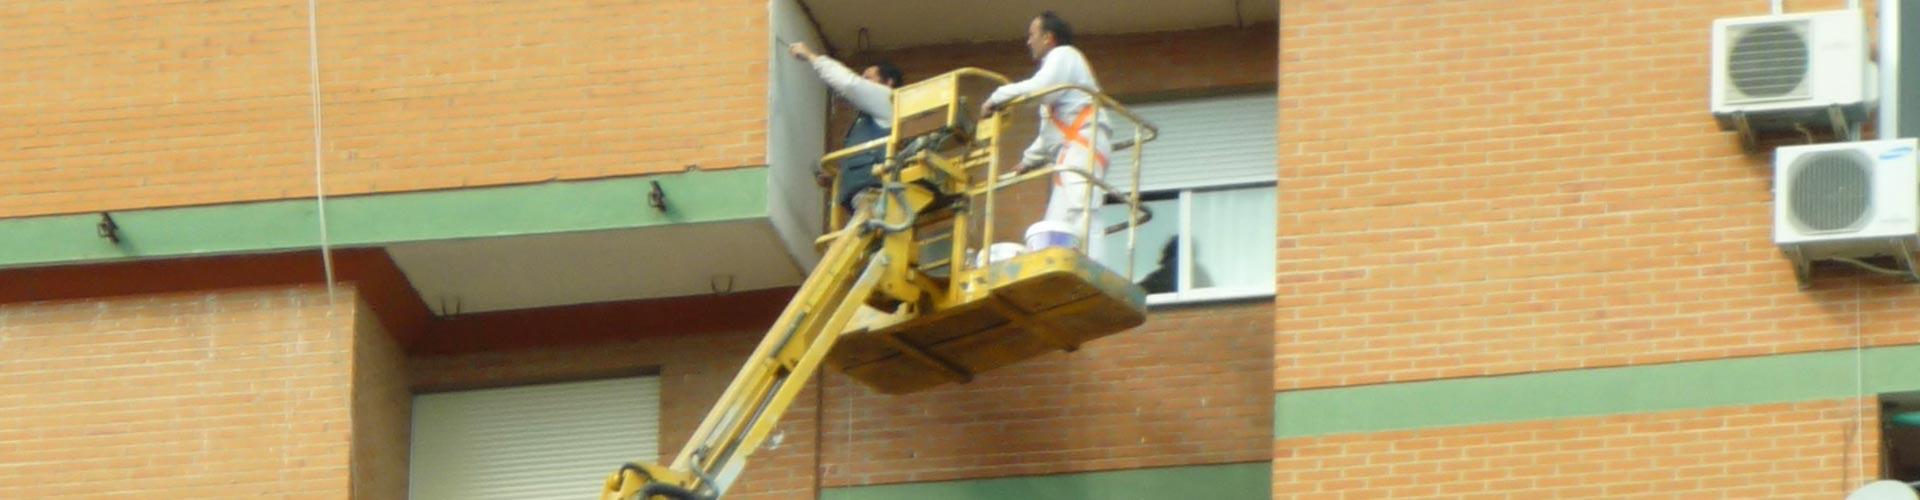 Corso di aggiornamento per addetto alla conduzione di piattaforme di lavoro mobili elevabili (PLE) con stabilizzatori